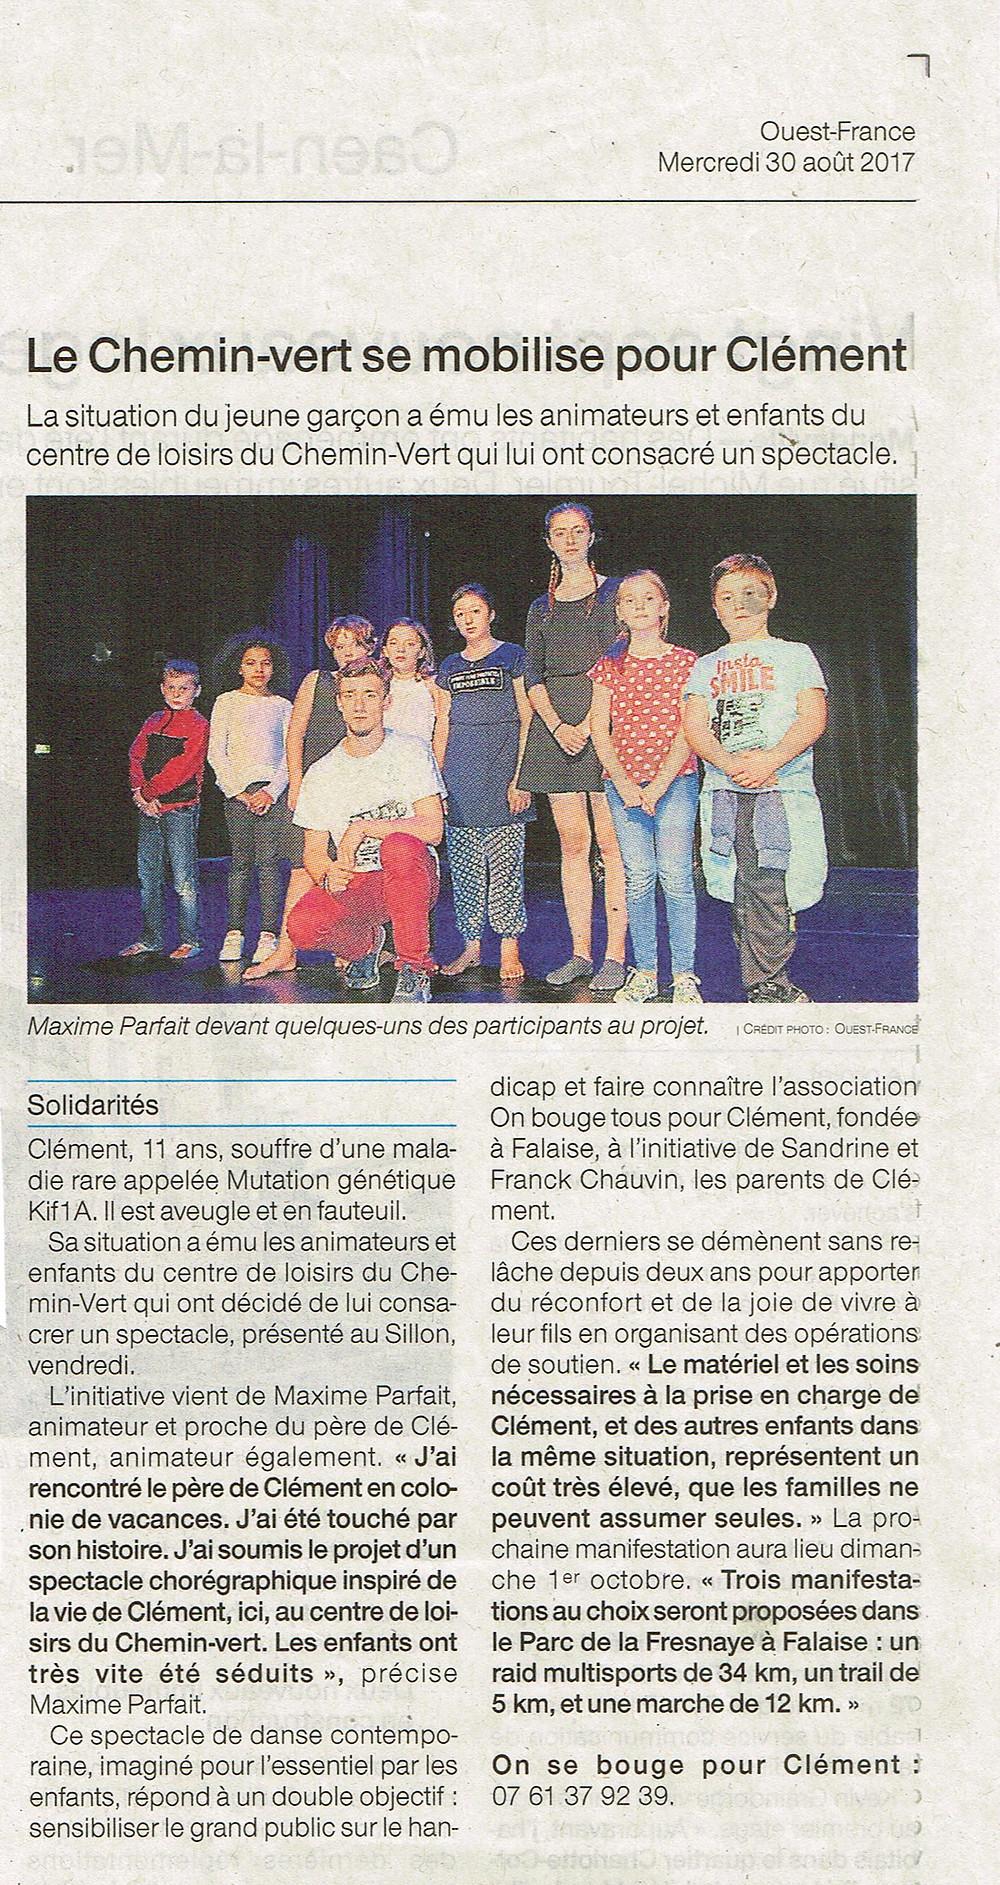 Le centre de loisir le chemin de Caen fait un spectacle pour Clément.